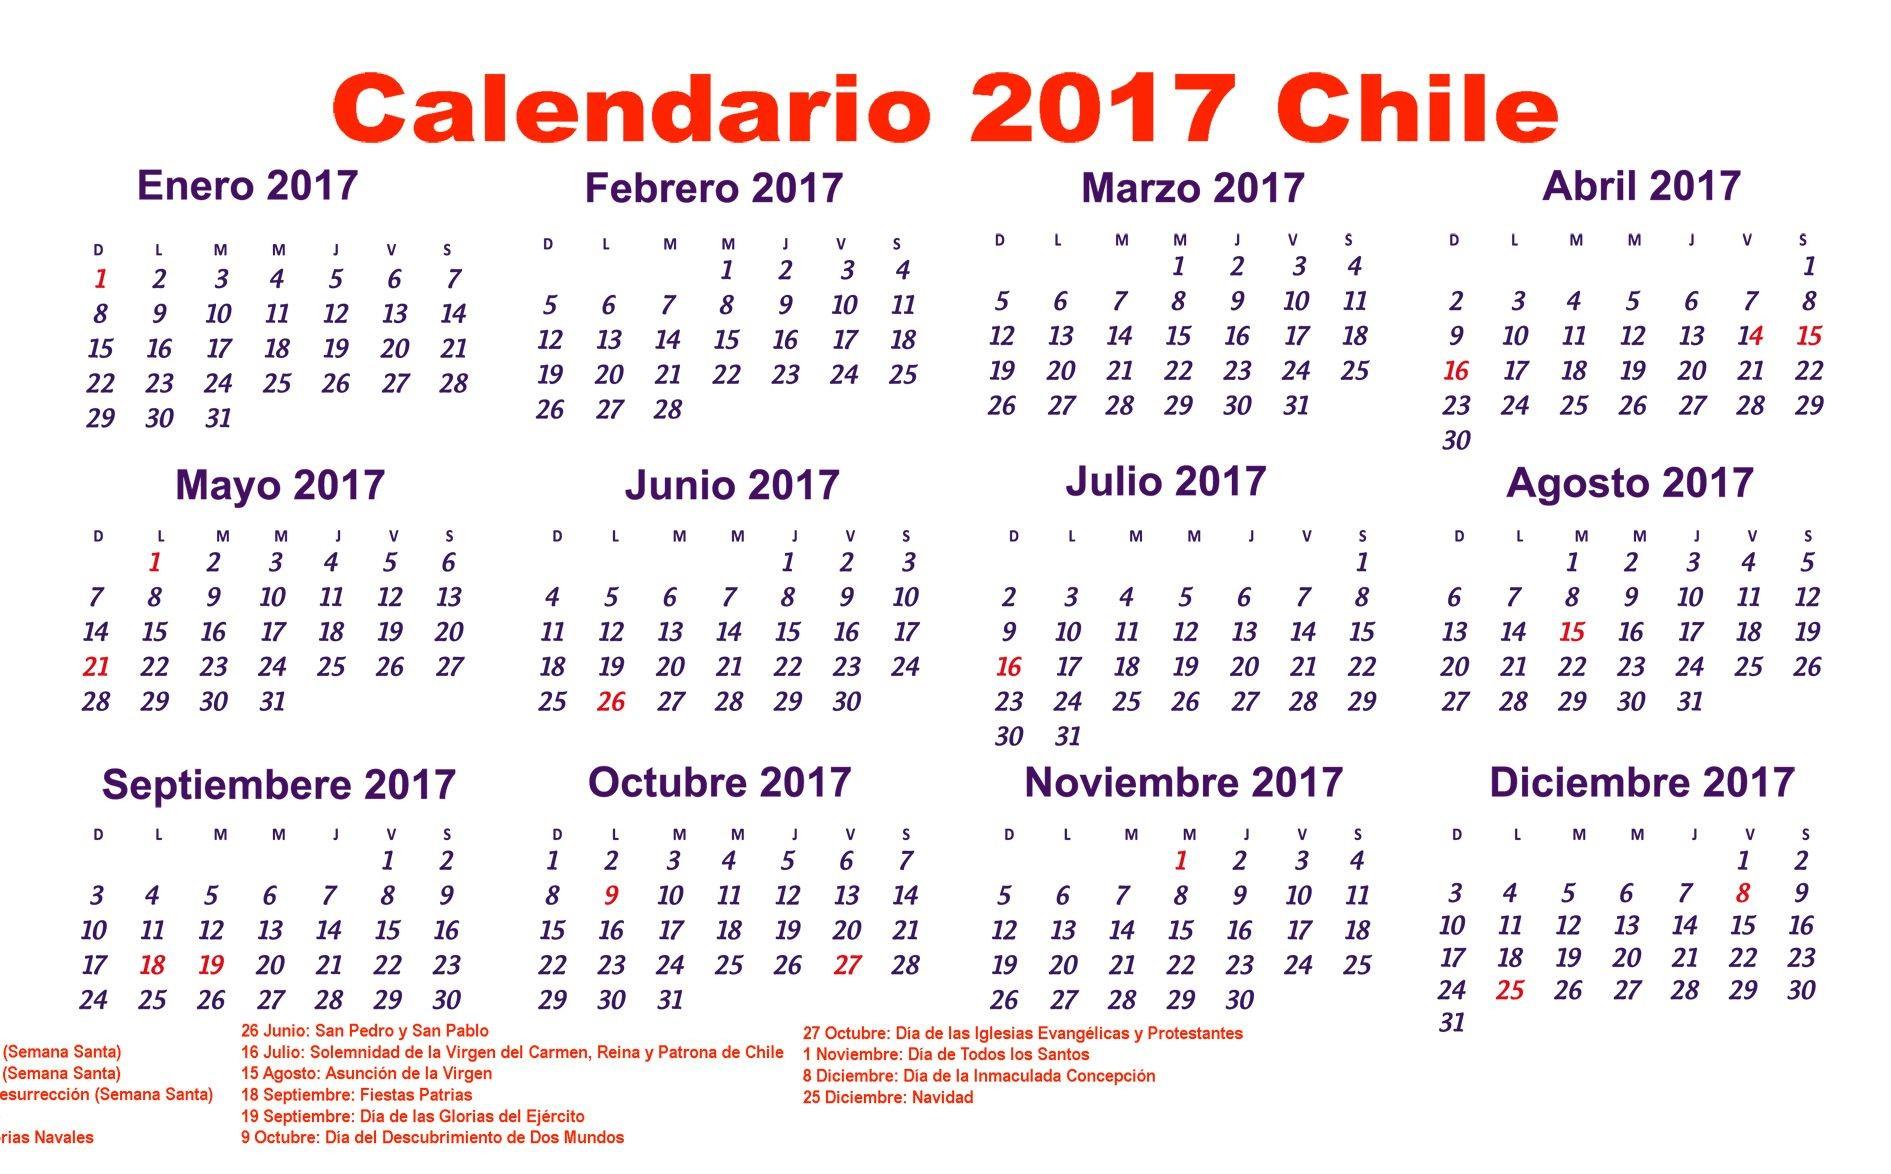 Imprimir Calendario Diario 2017 Recientes Pin De Victor Manuel Vallina En Calendario 2017 Chile Of Imprimir Calendario Diario 2017 Más Arriba-a-fecha Calendario Para Imprimir 2018 2019 Costurero